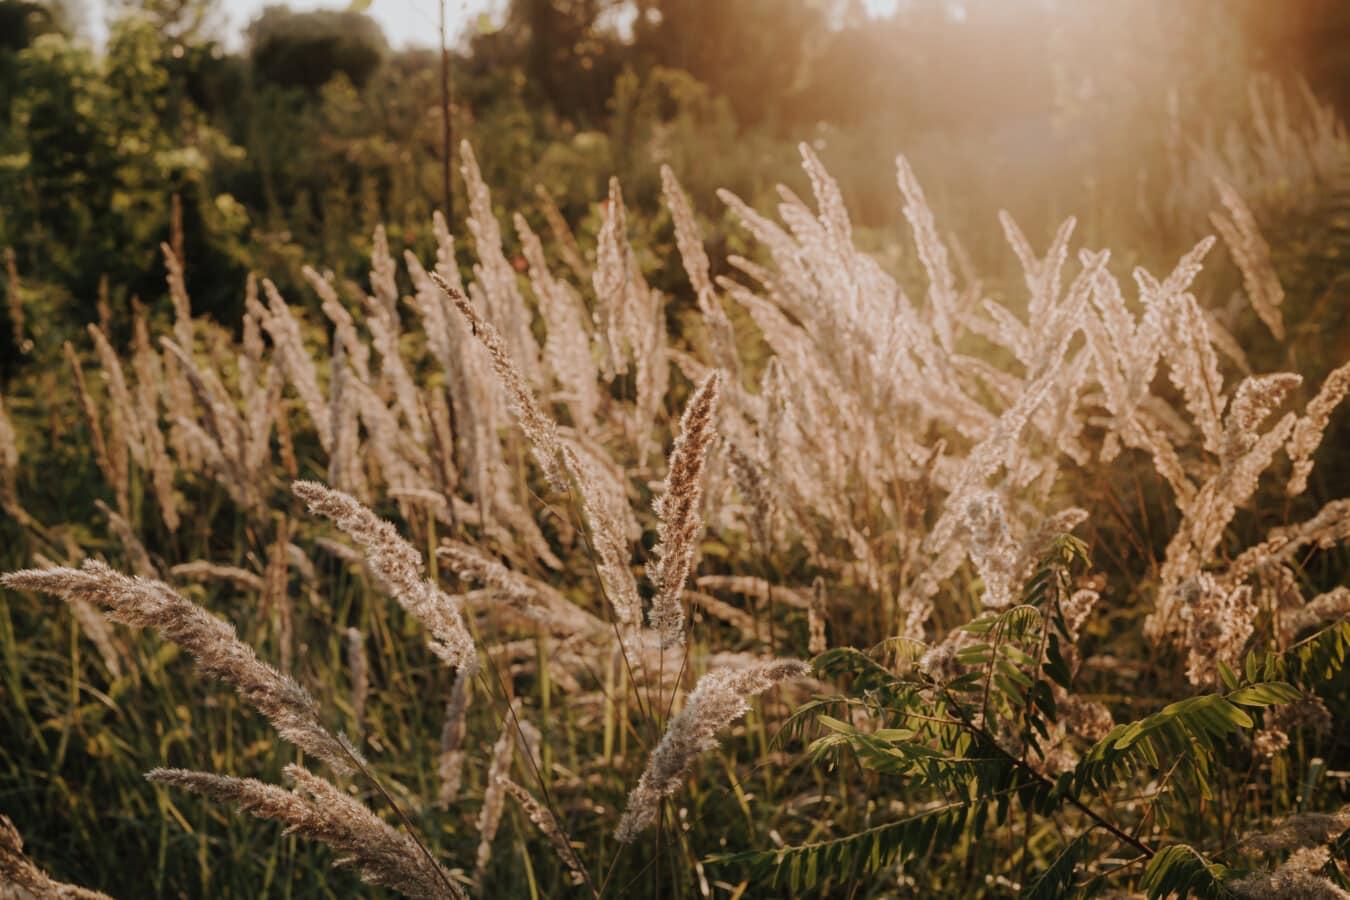 Gras, hoch, grasbewachsenen, Sonnenstrahlen, Natur, des ländlichen Raums, Sommer, im freien, Schönwetter, Sonne